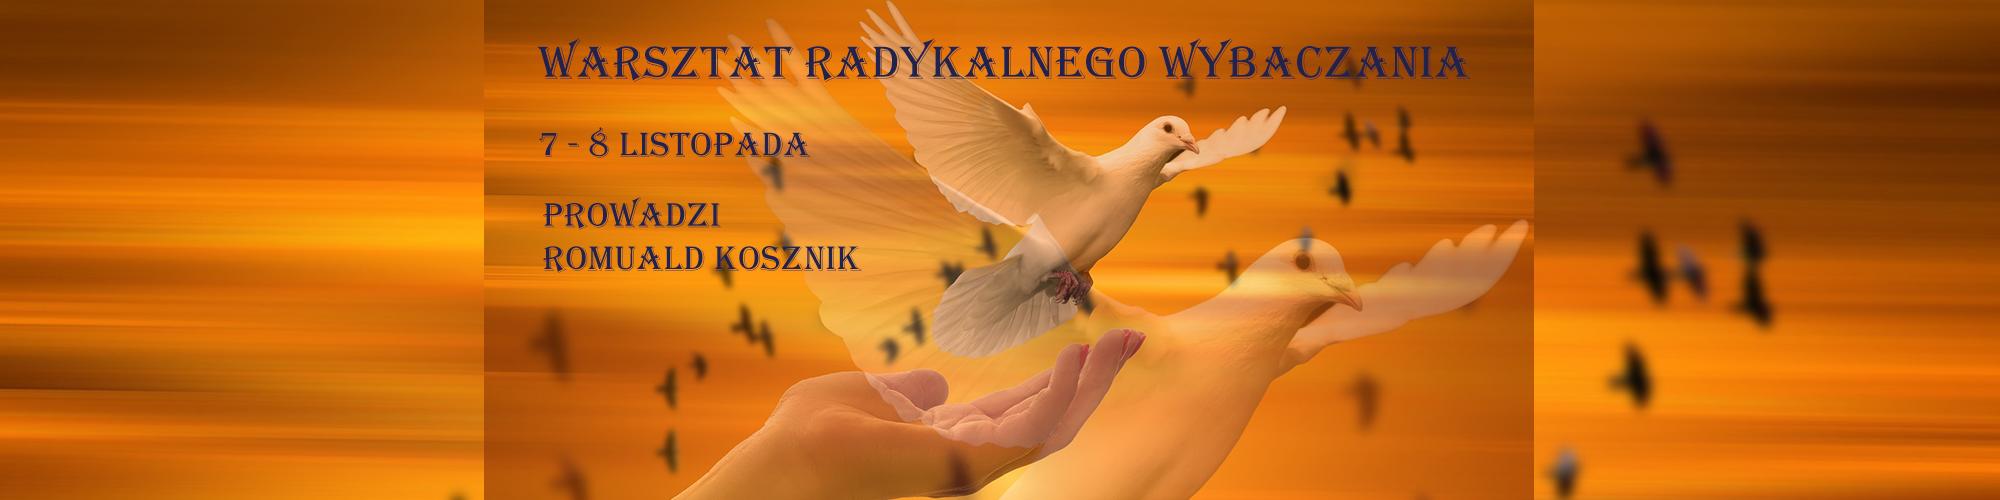 radykalnewybaczanie2-banner